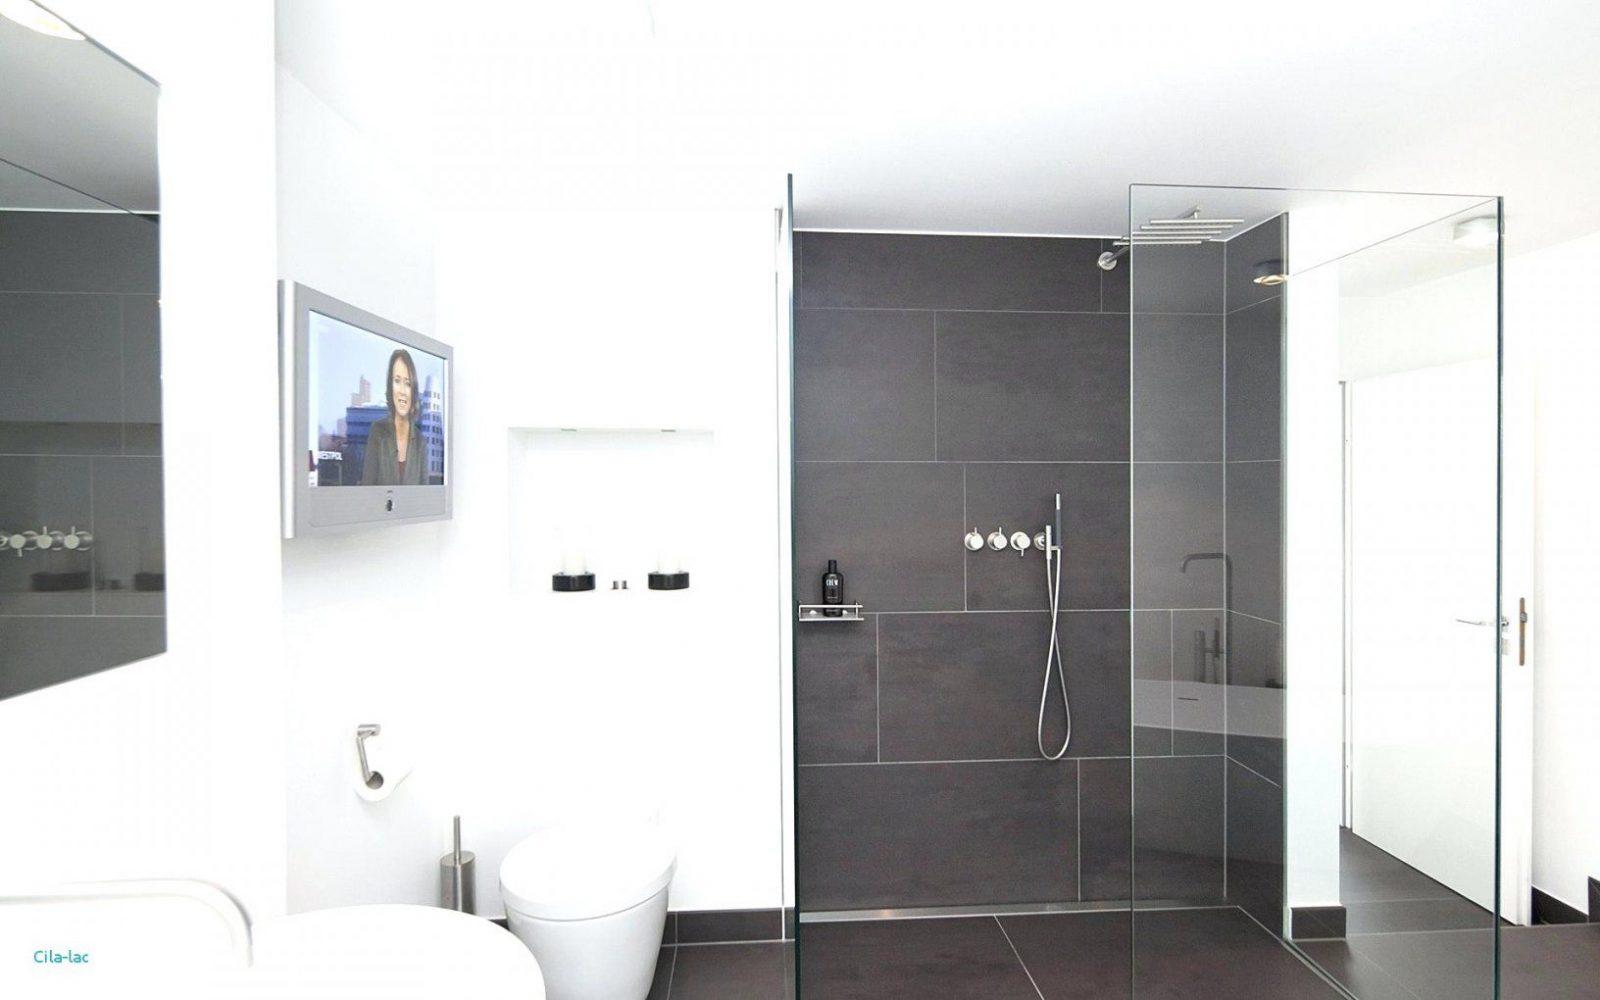 Spiegelschrank f r badezimmer luxus sch nheit spiegelschrank kleines von spiegelschrank f r - Spiegelschrank kleines bad ...